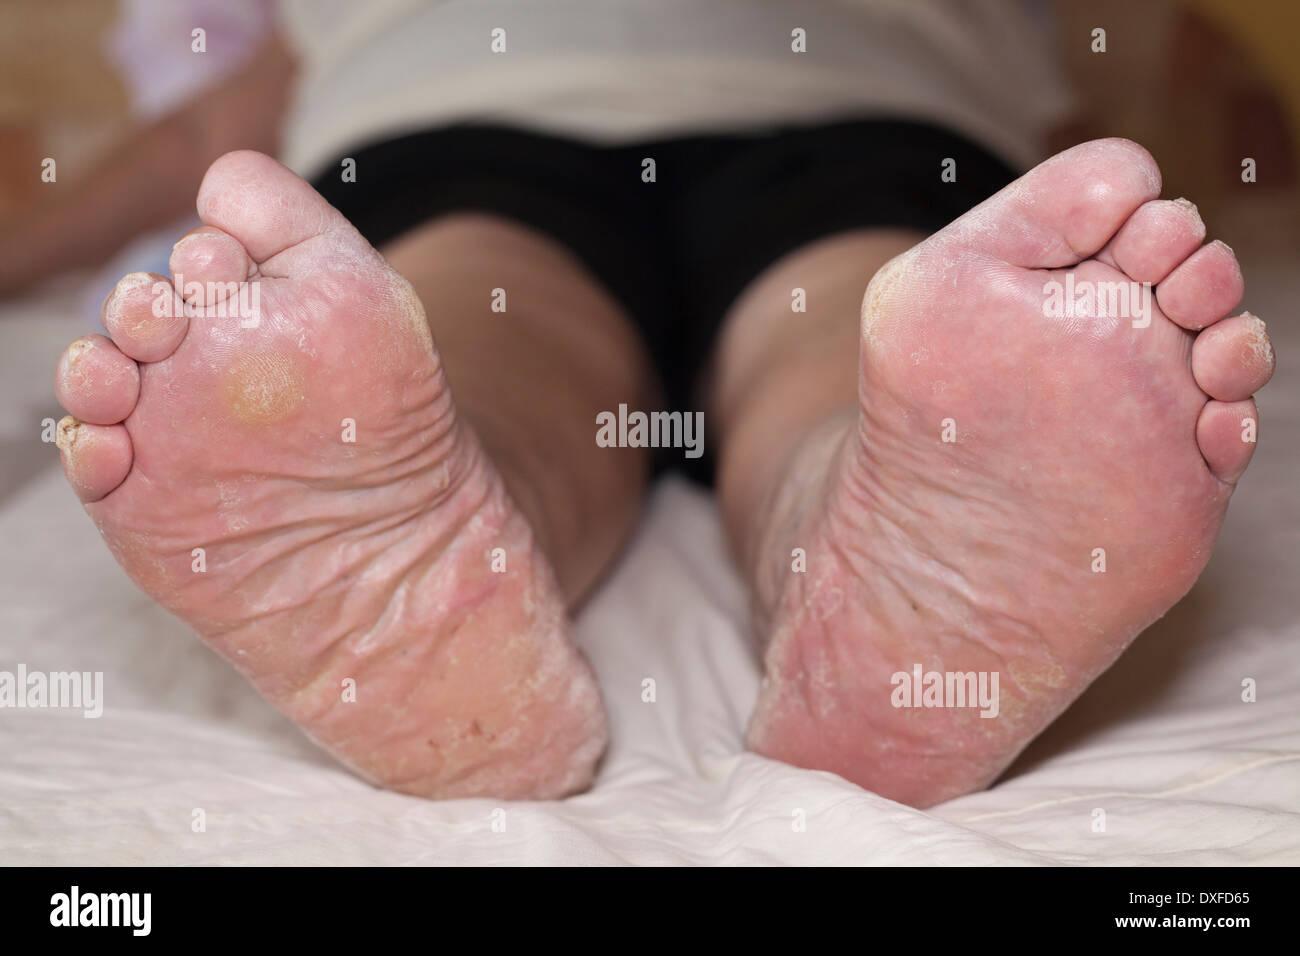 Член между пальцев ног фото, Дрочит хуй ногами увлекательное порно фото порева 18 фотография